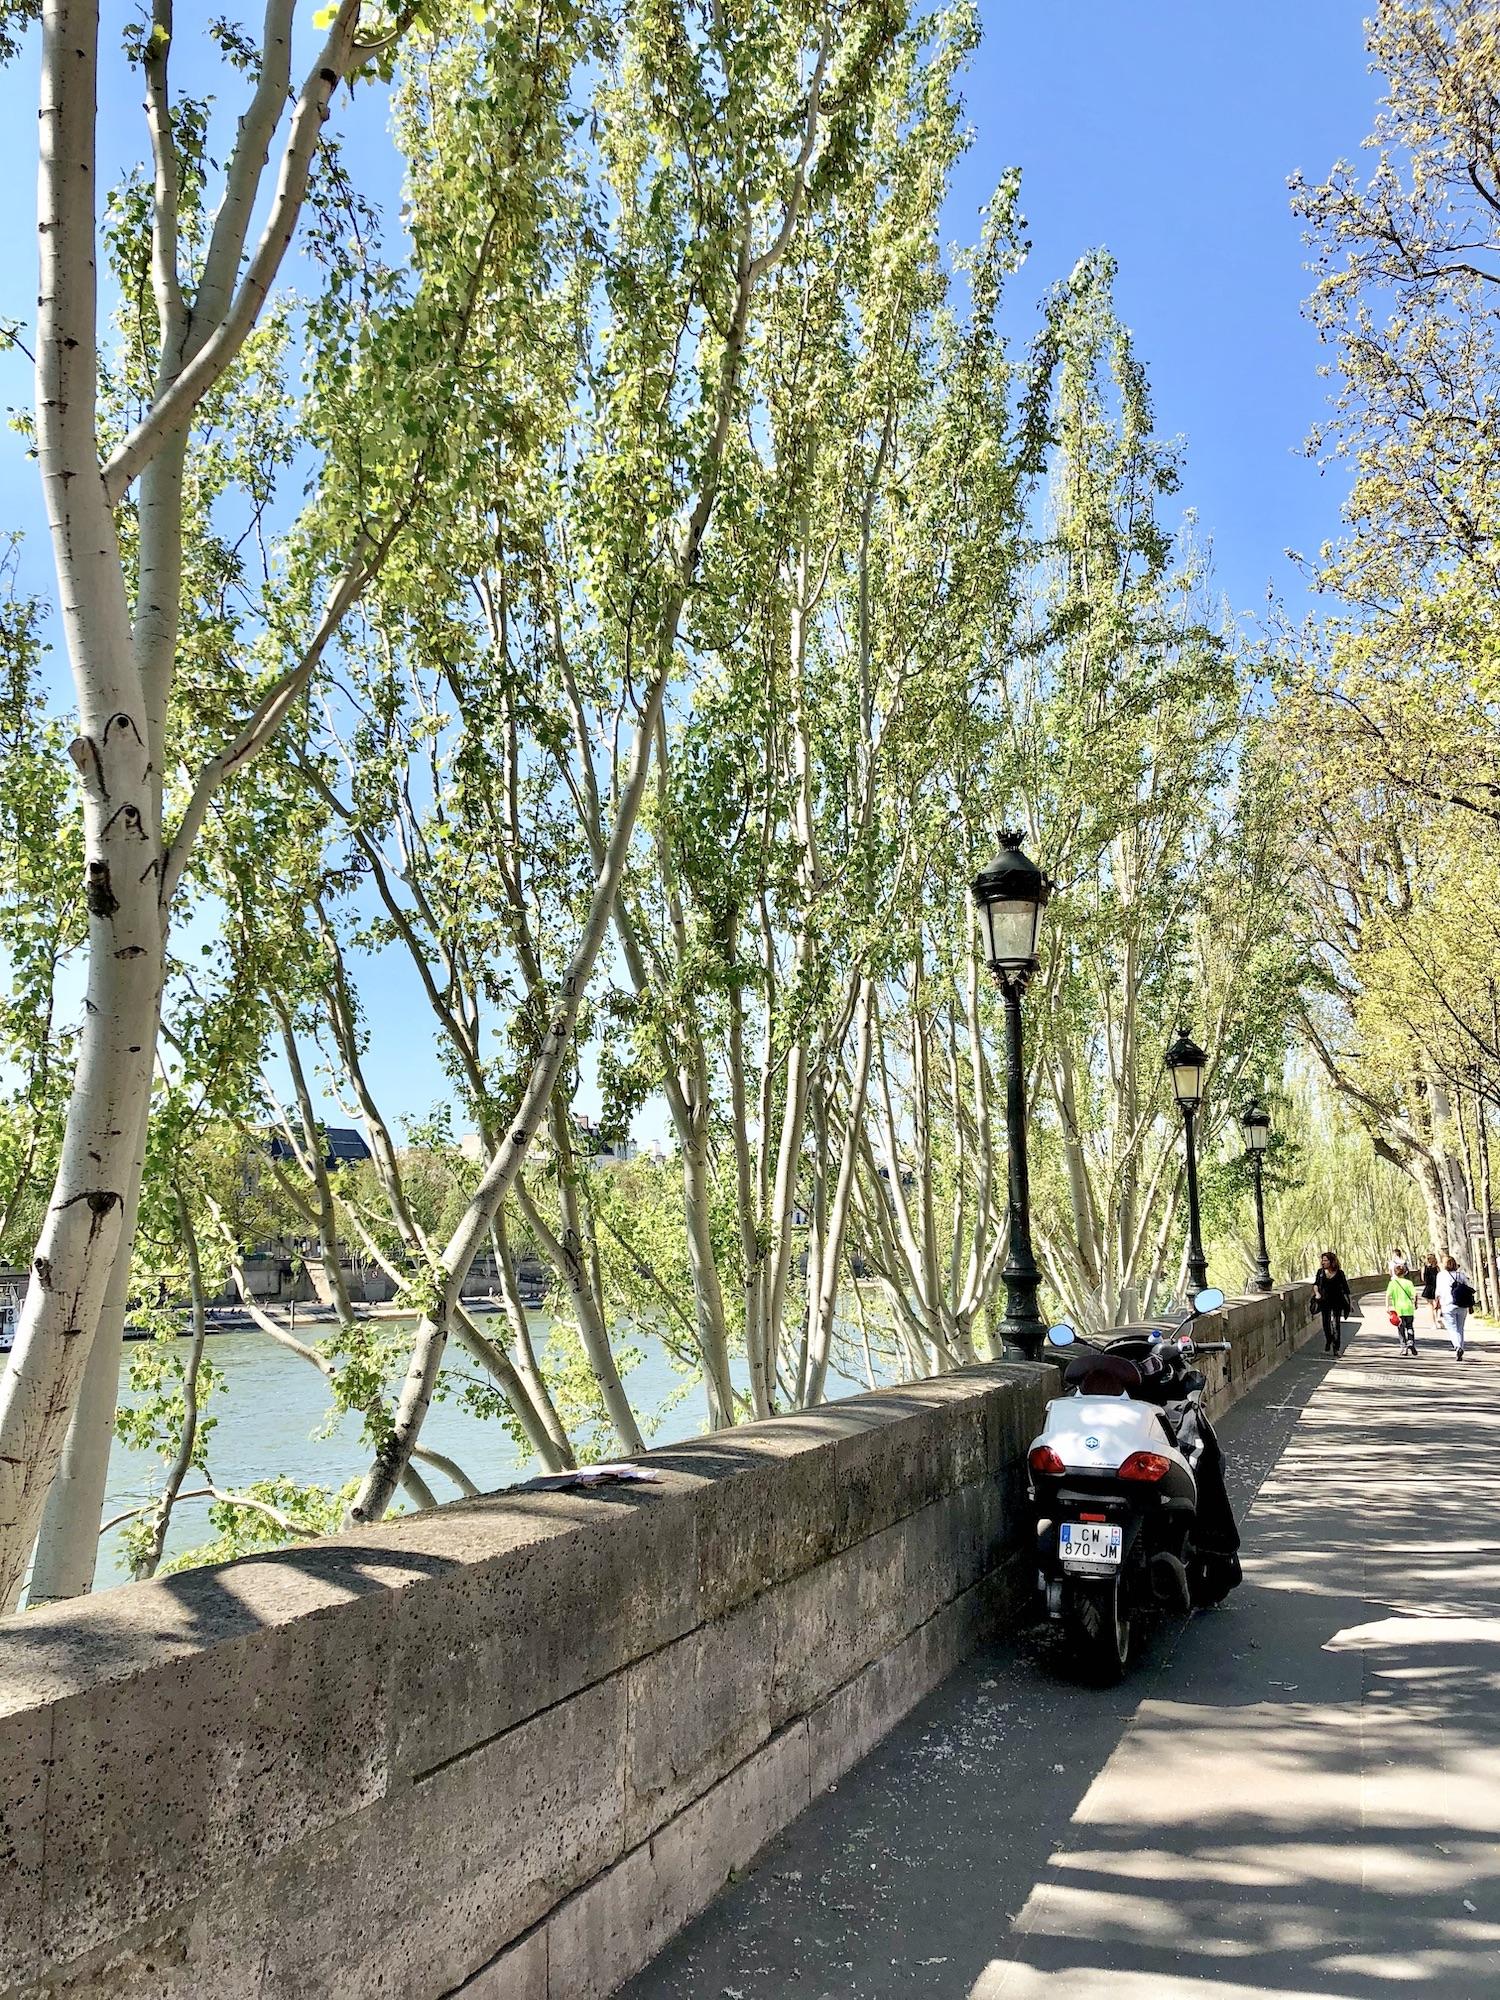 April in Paris along the Seine